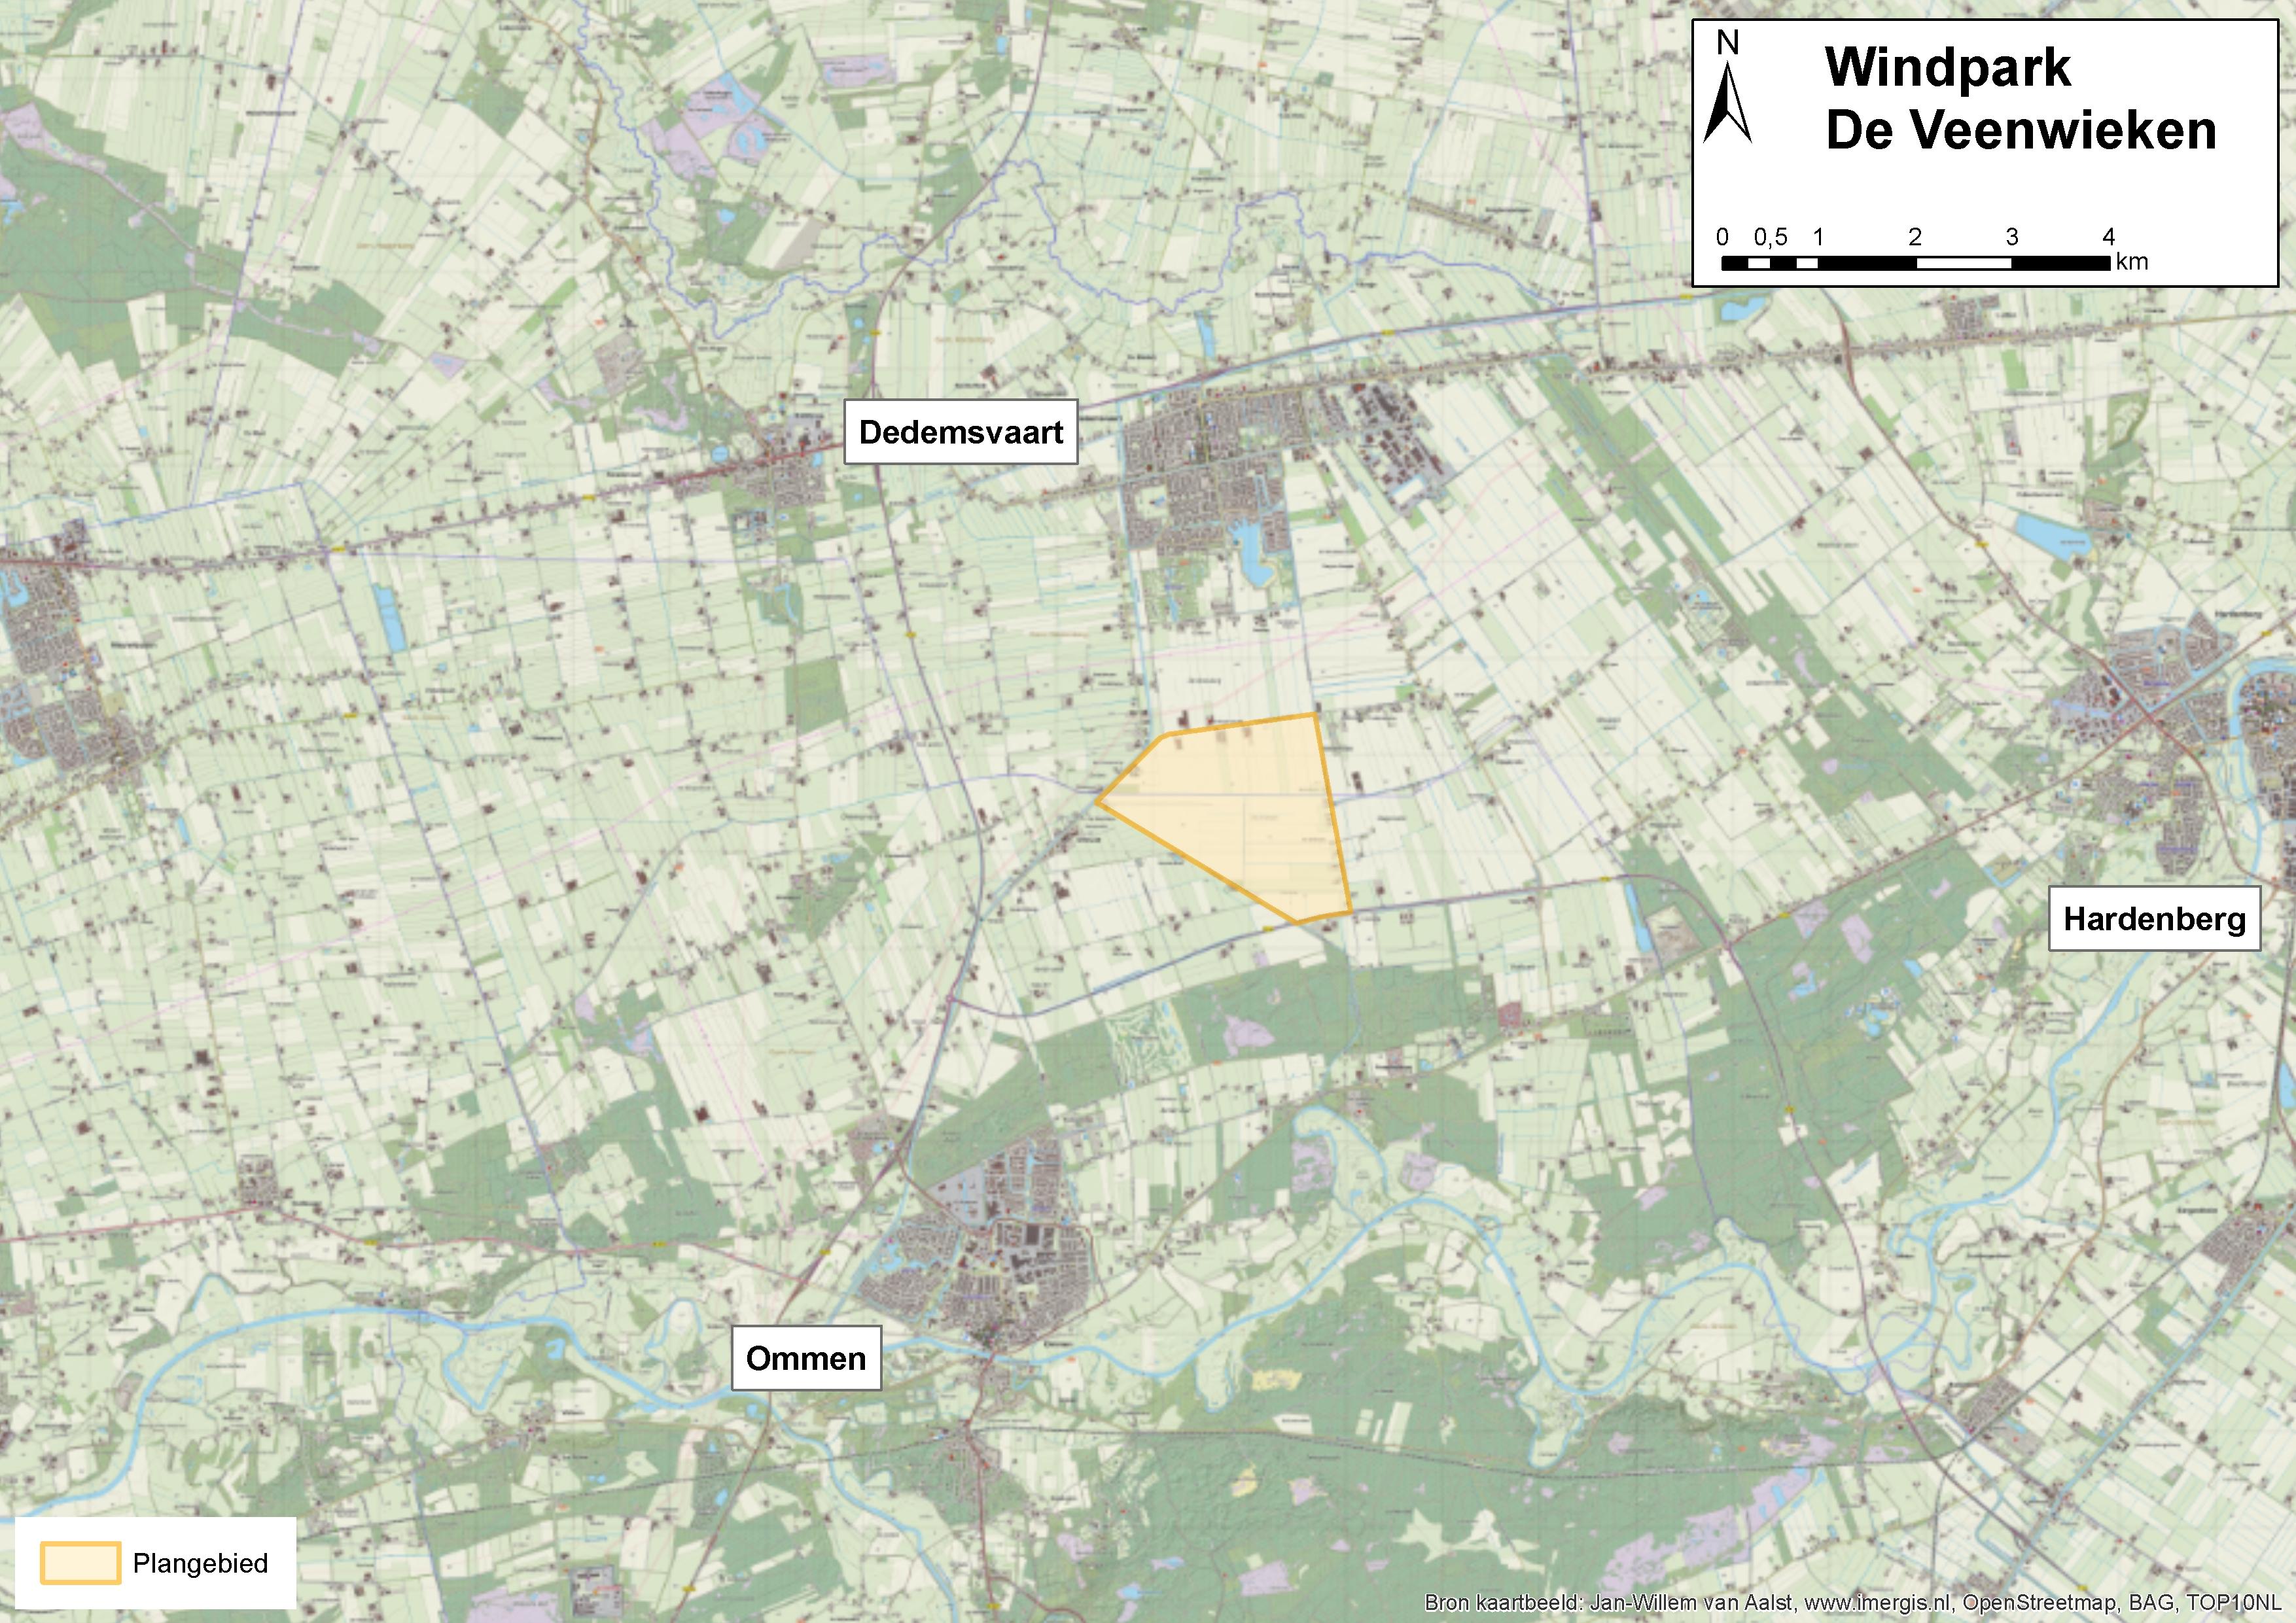 Continuering samenwerking Windpark Veenwieken